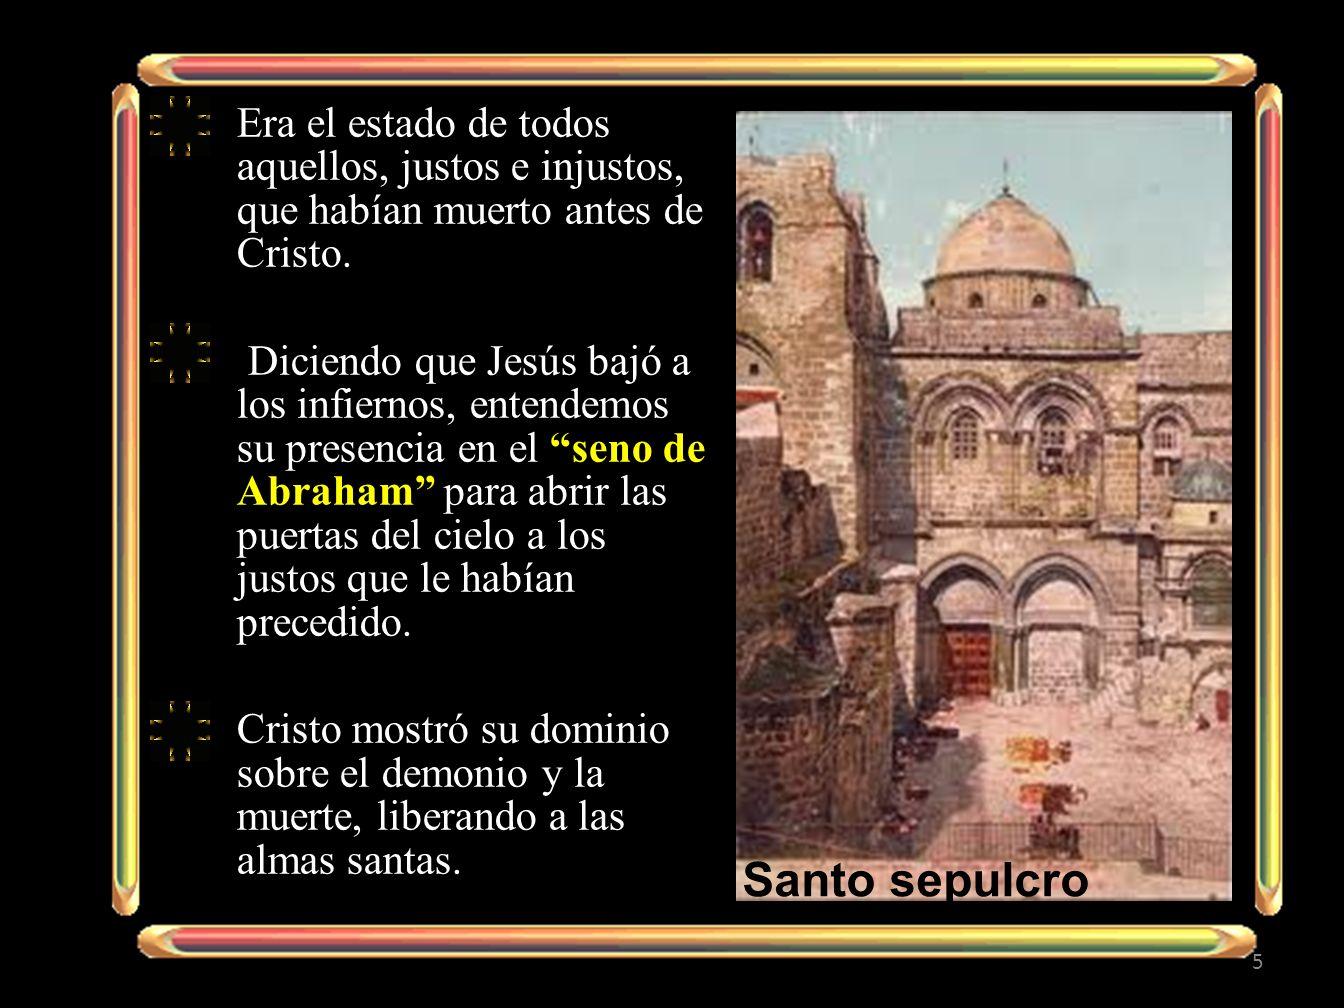 Era el estado de todos aquellos, justos e injustos, que habían muerto antes de Cristo.